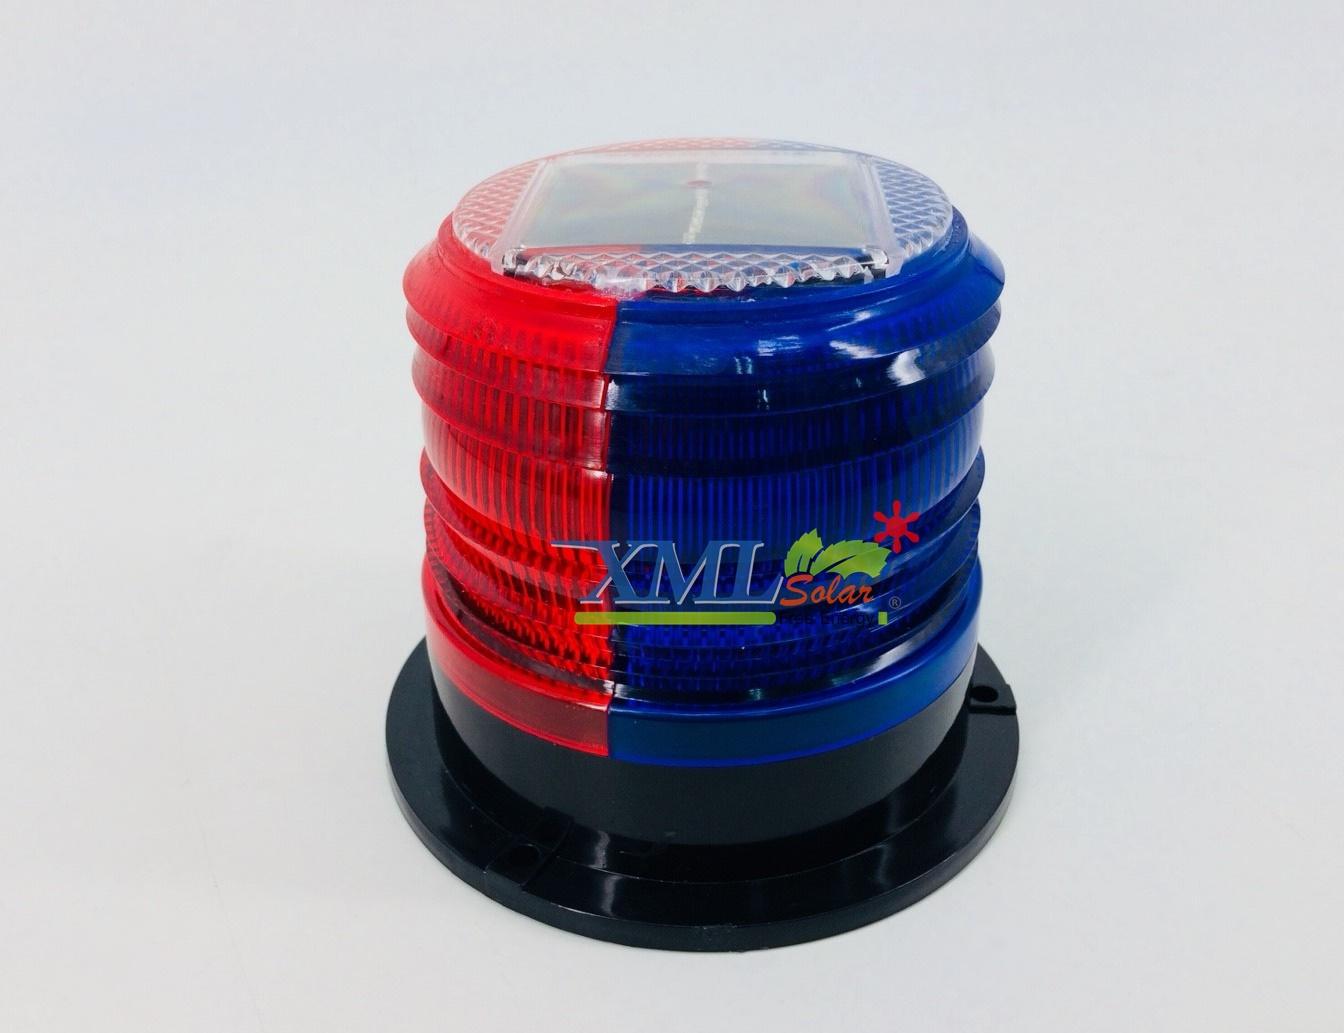 ไฟเตือนฉุกเฉินโซล่าเซลล์ + ฐานเเม่เหล็กในตัว (เเสง : สีเเดง+สีน้ำเงิน)